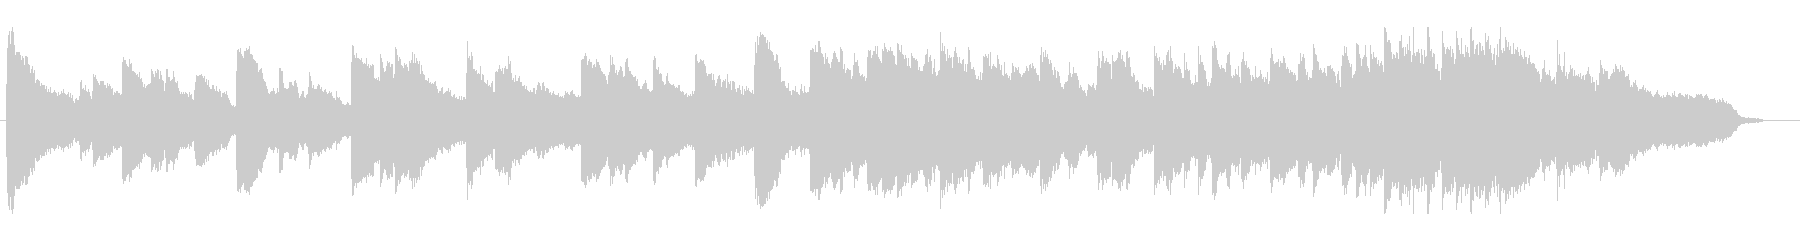 ピアノとバイオリンの感動BGMの未再生の波形